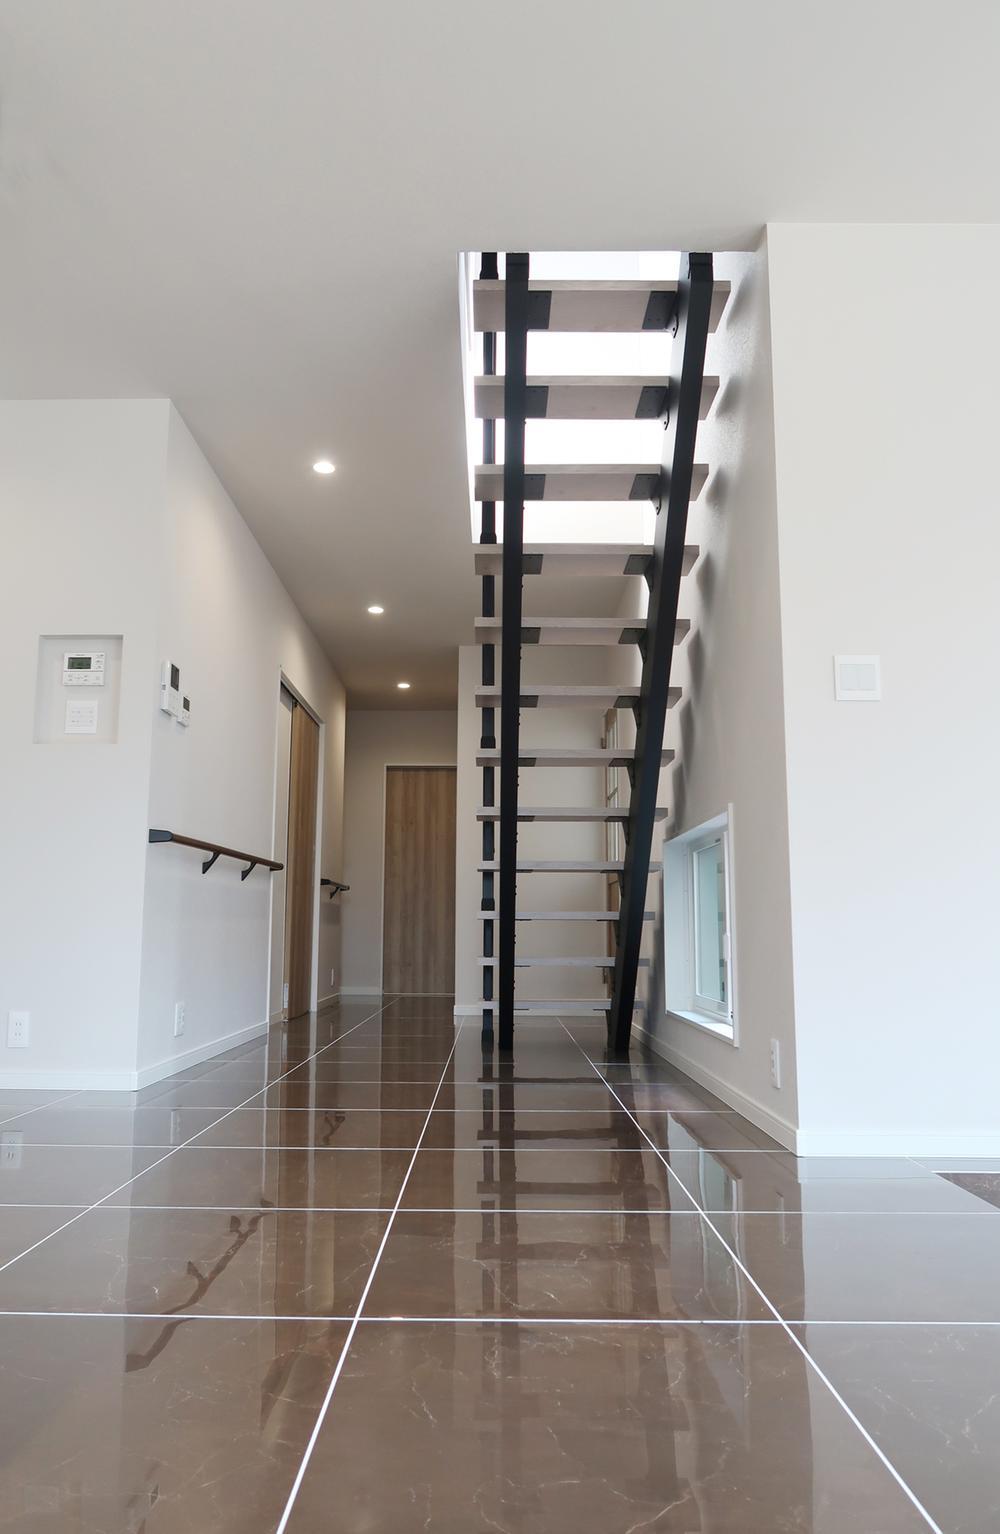 【弊社施工例】同じ広さでもスケルトン階段だとずっと目線が抜けて空間が広がり開放感がありますね。